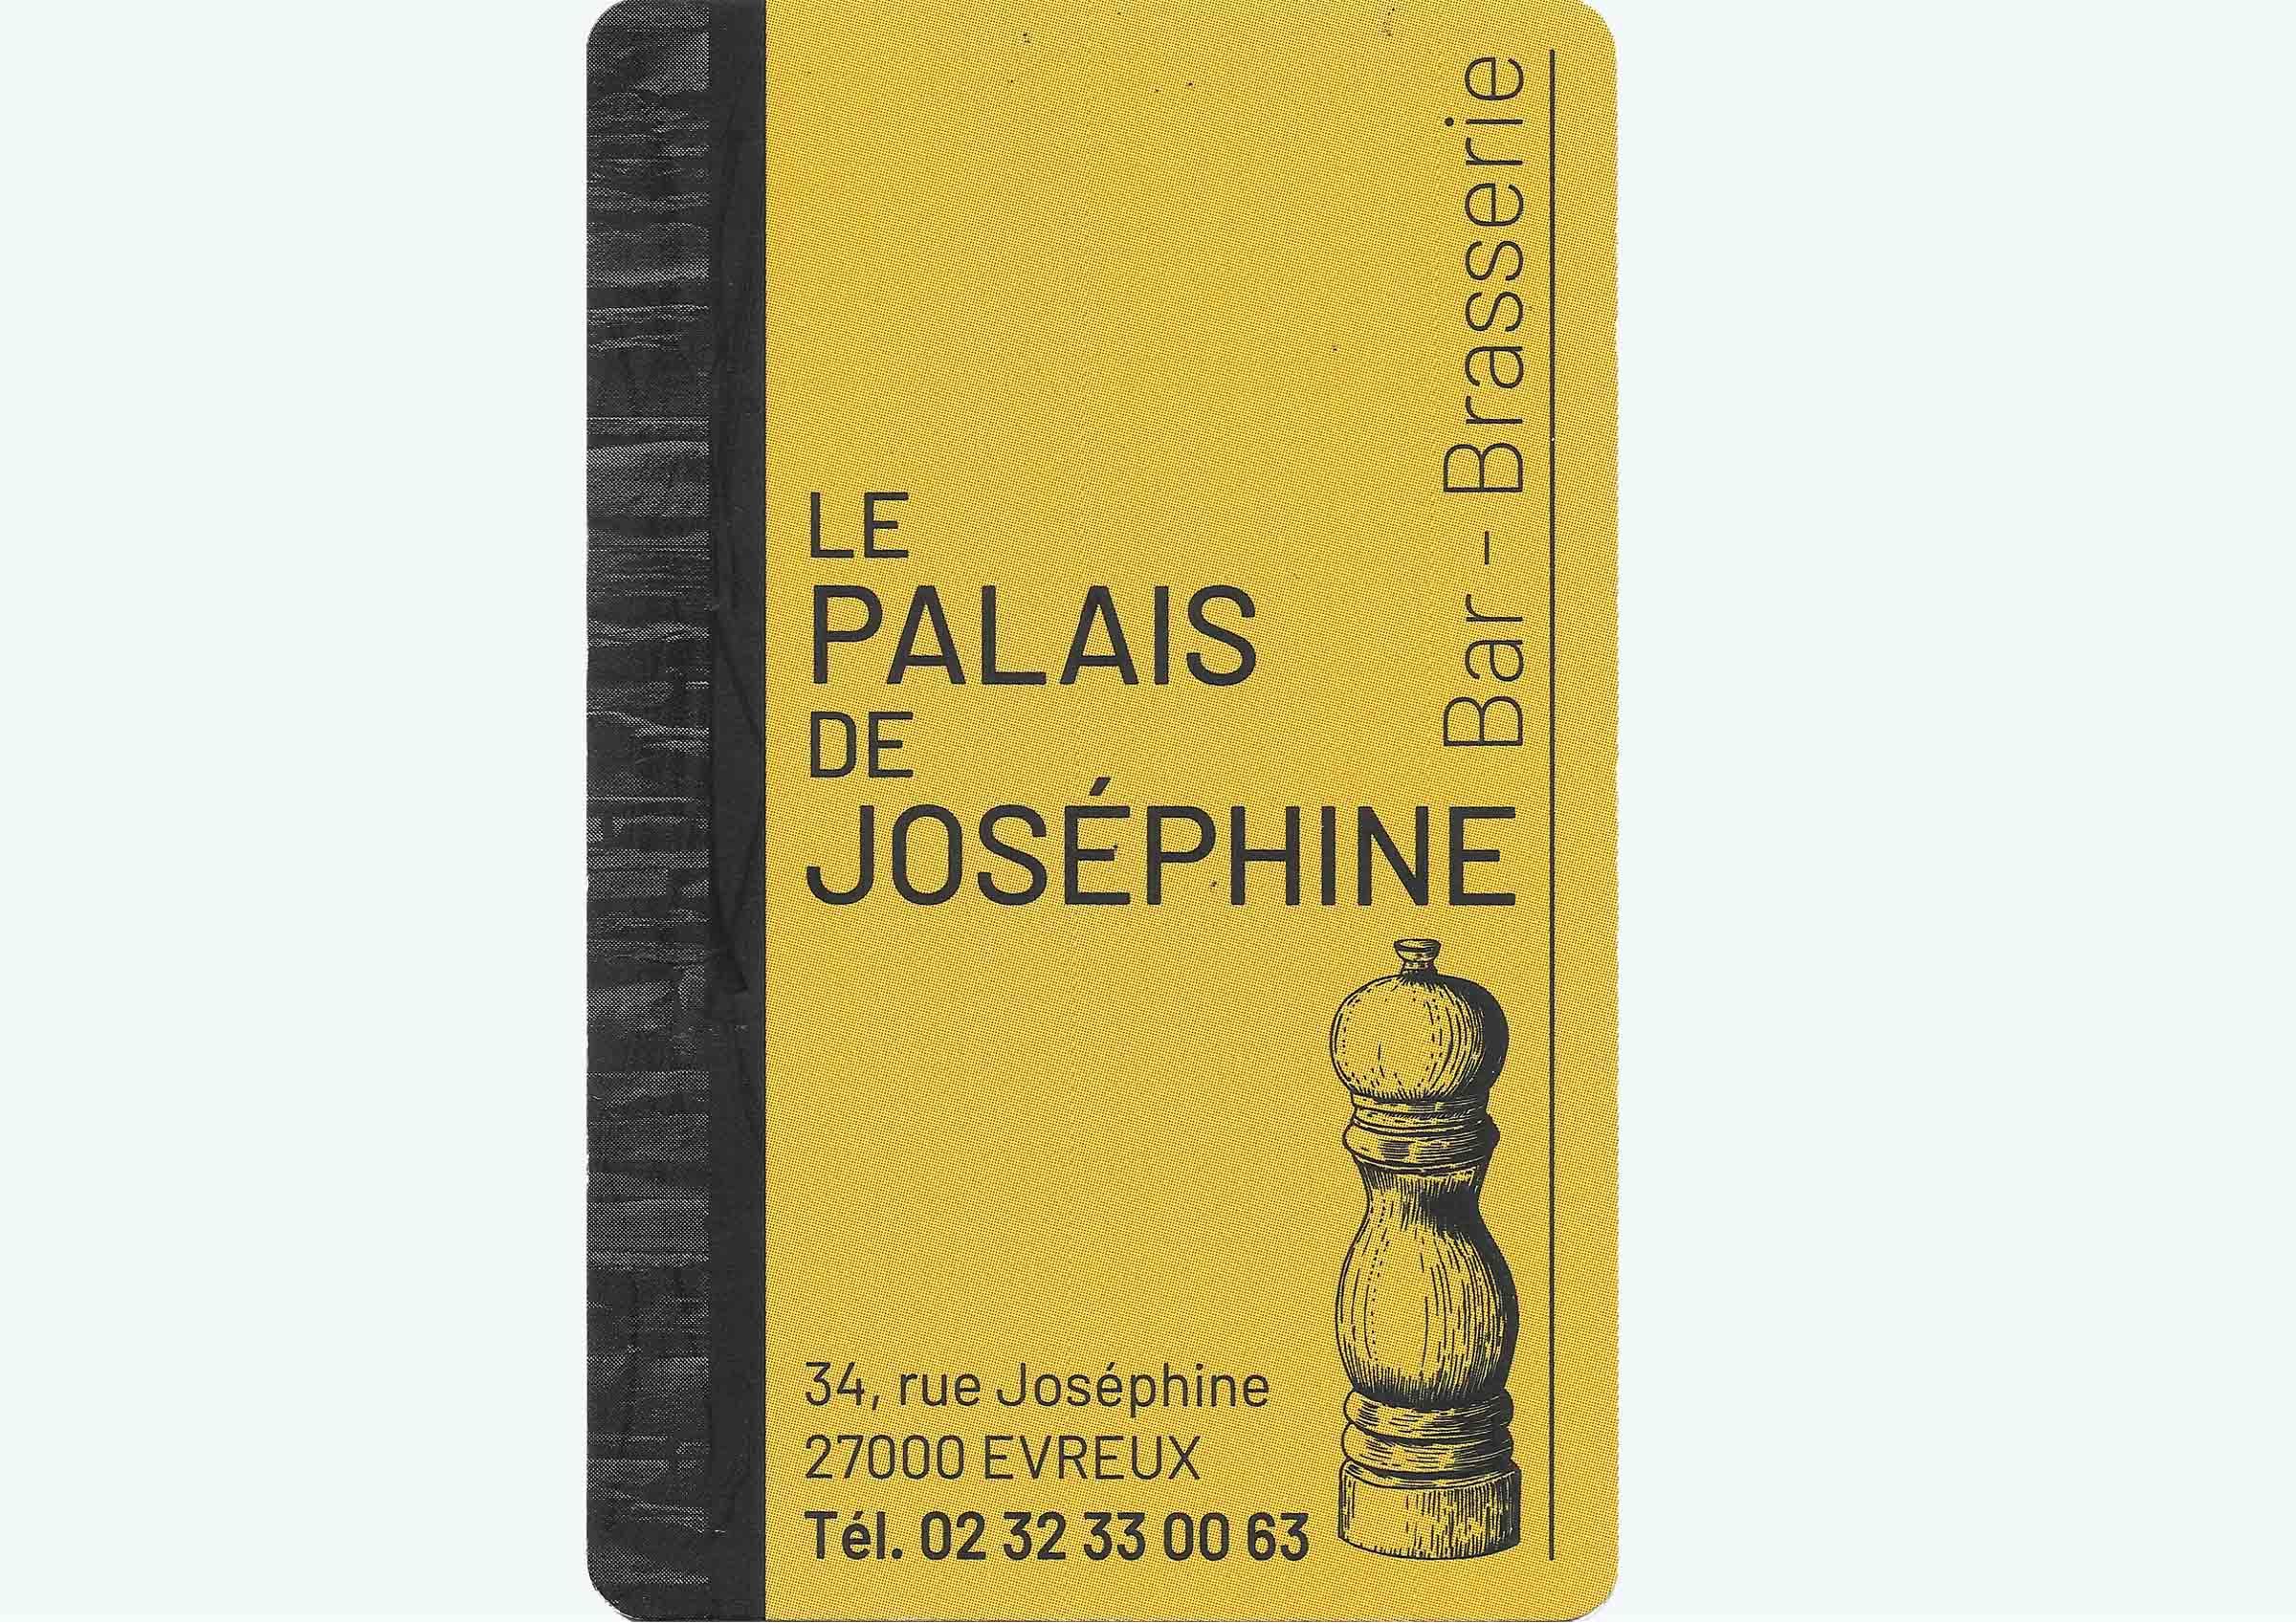 le palais de josephine